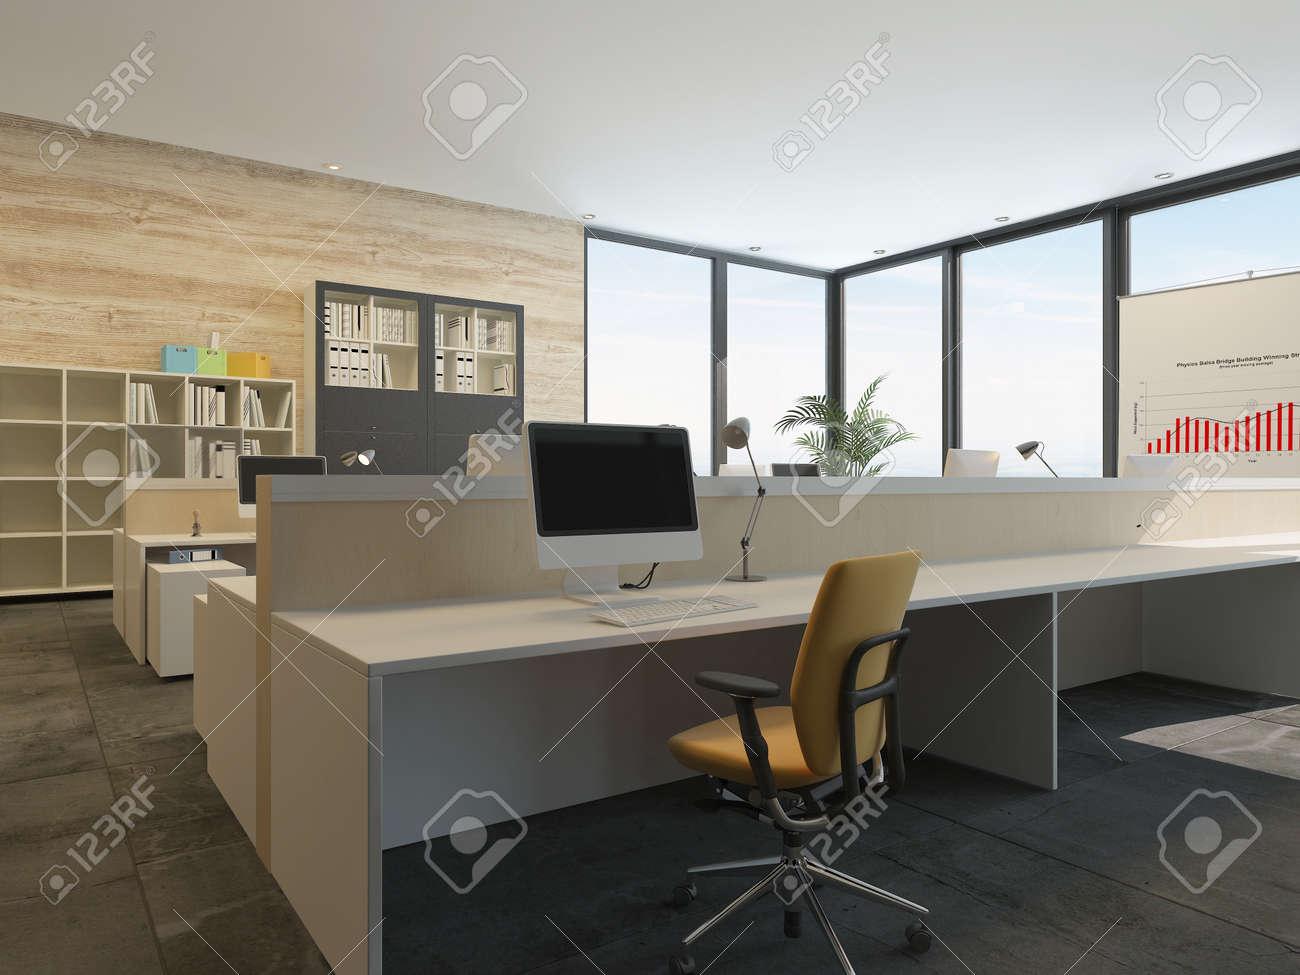 Ufficio Moderno Sa : Moderno ufficio interno con più postazioni di lavoro a pianta